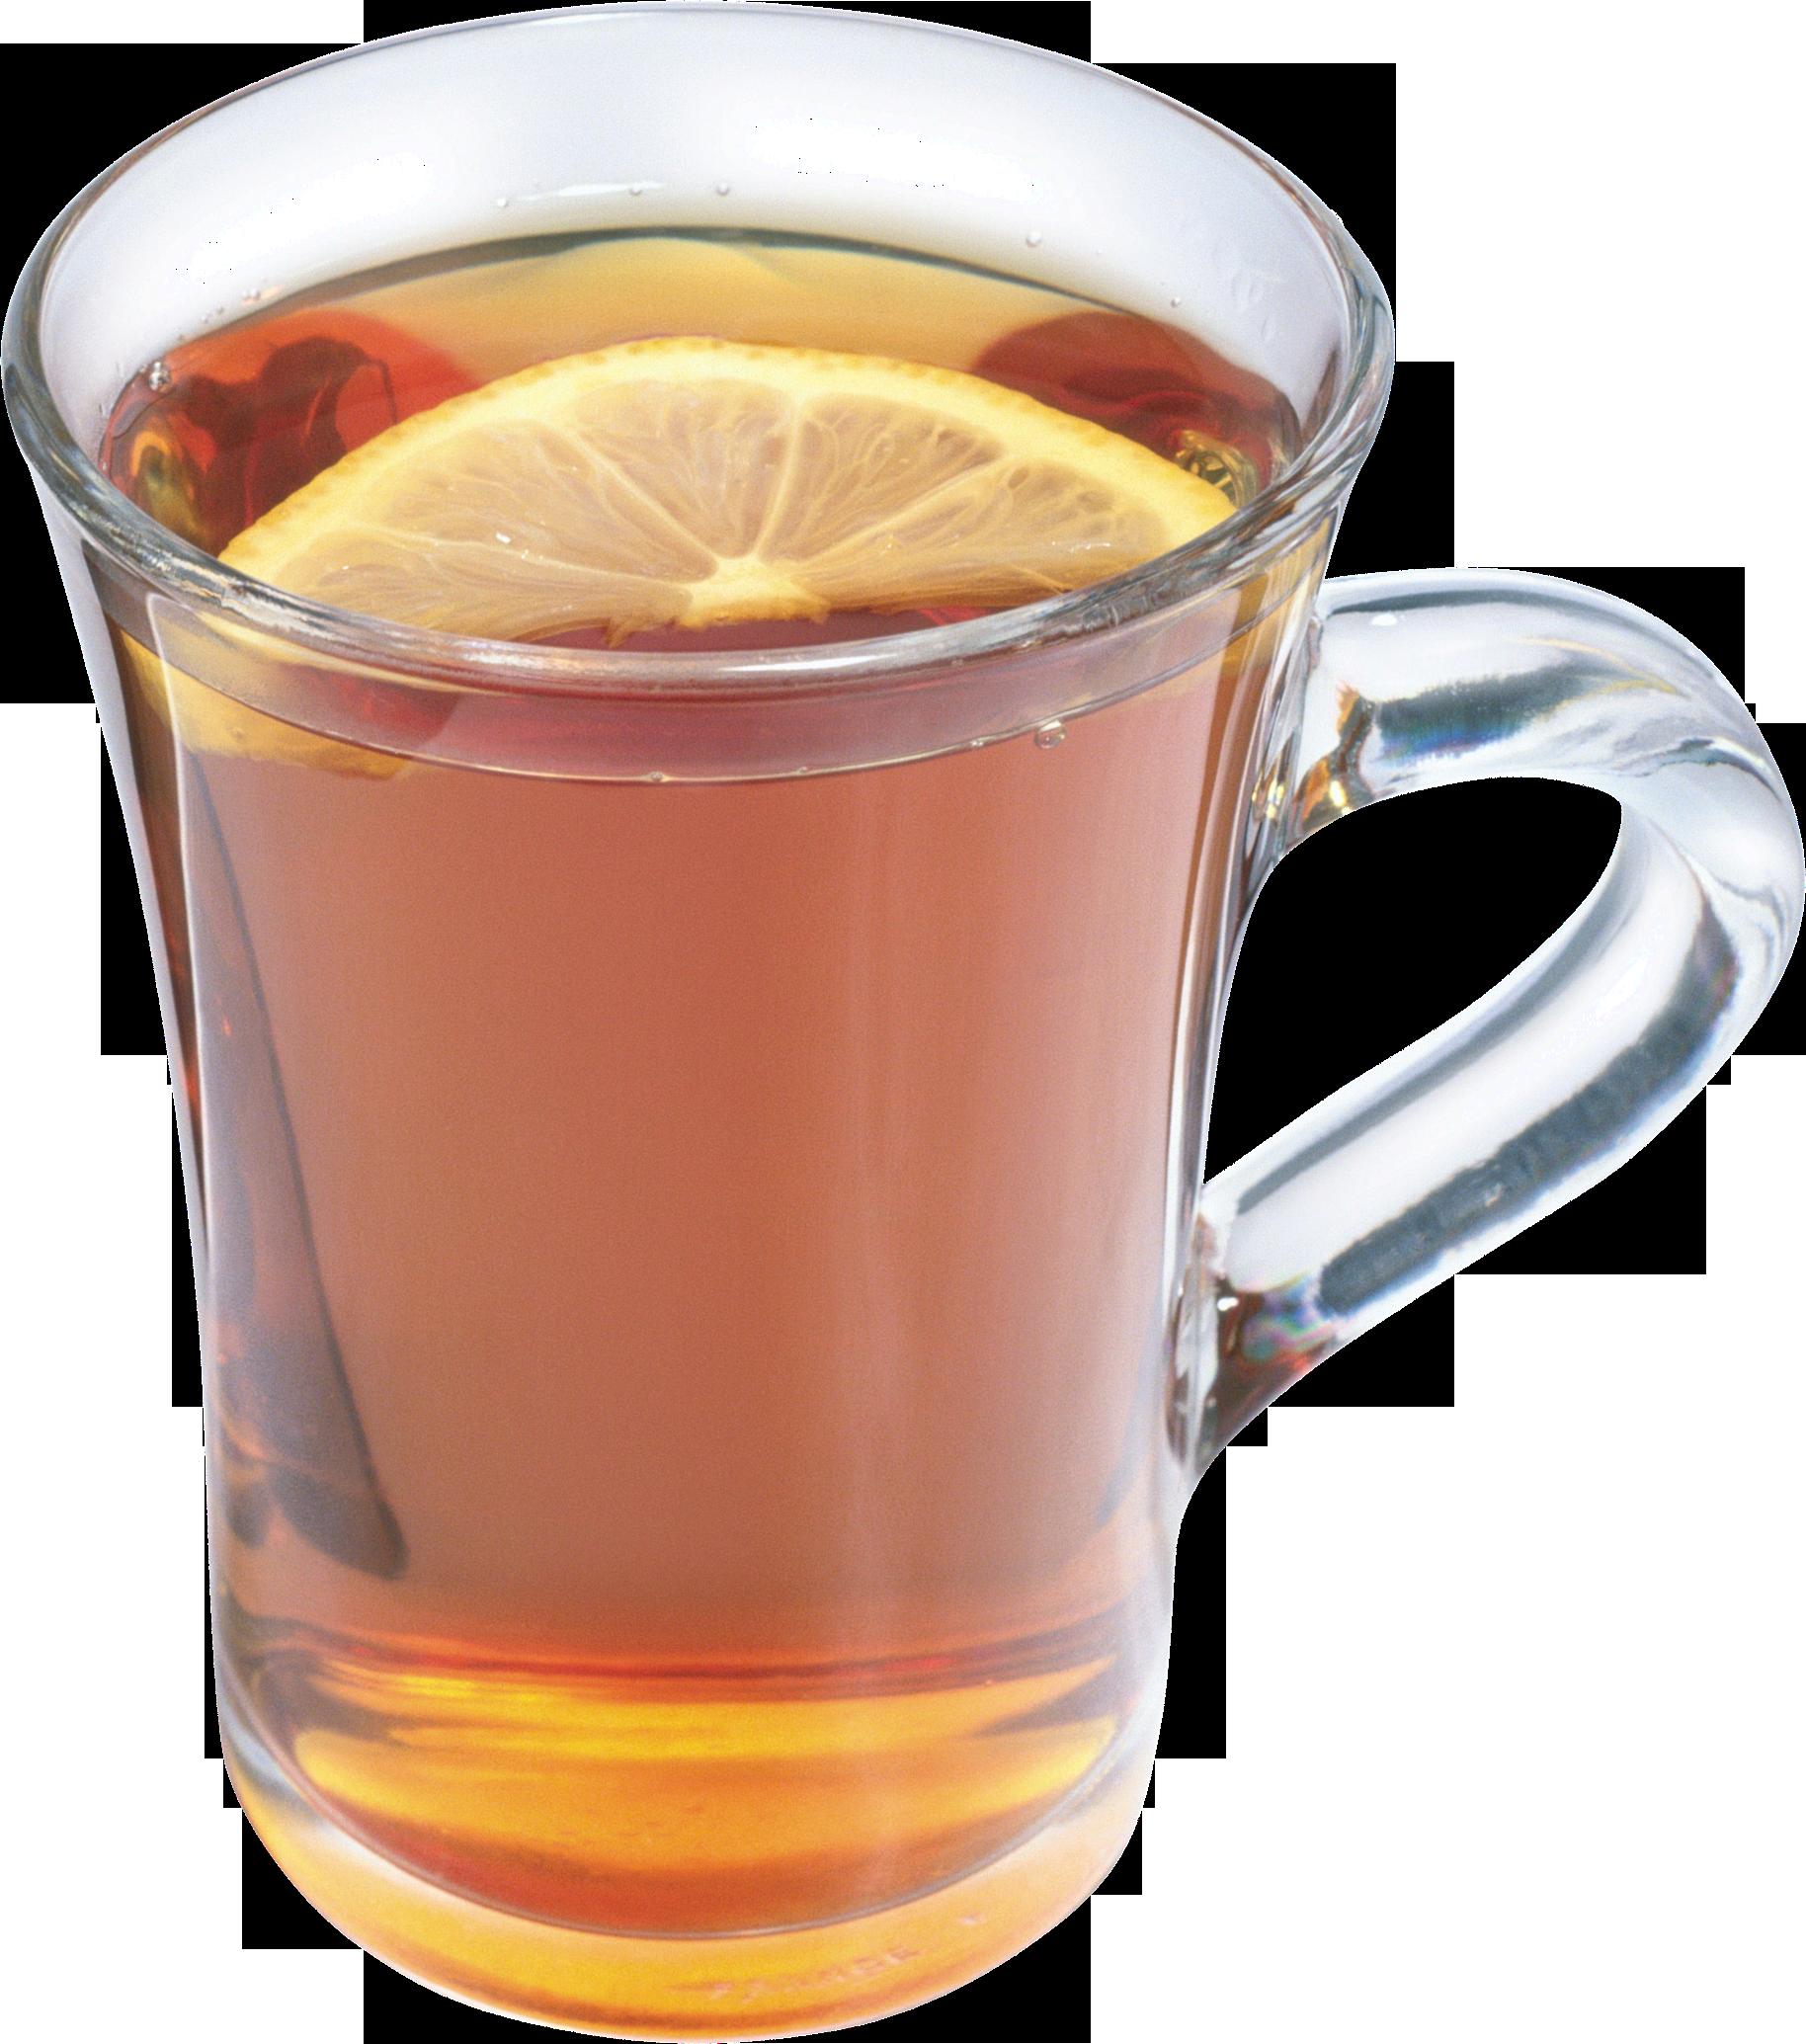 Безалкогольные напитки - Еда - Кира-скрап - клипарт и ...